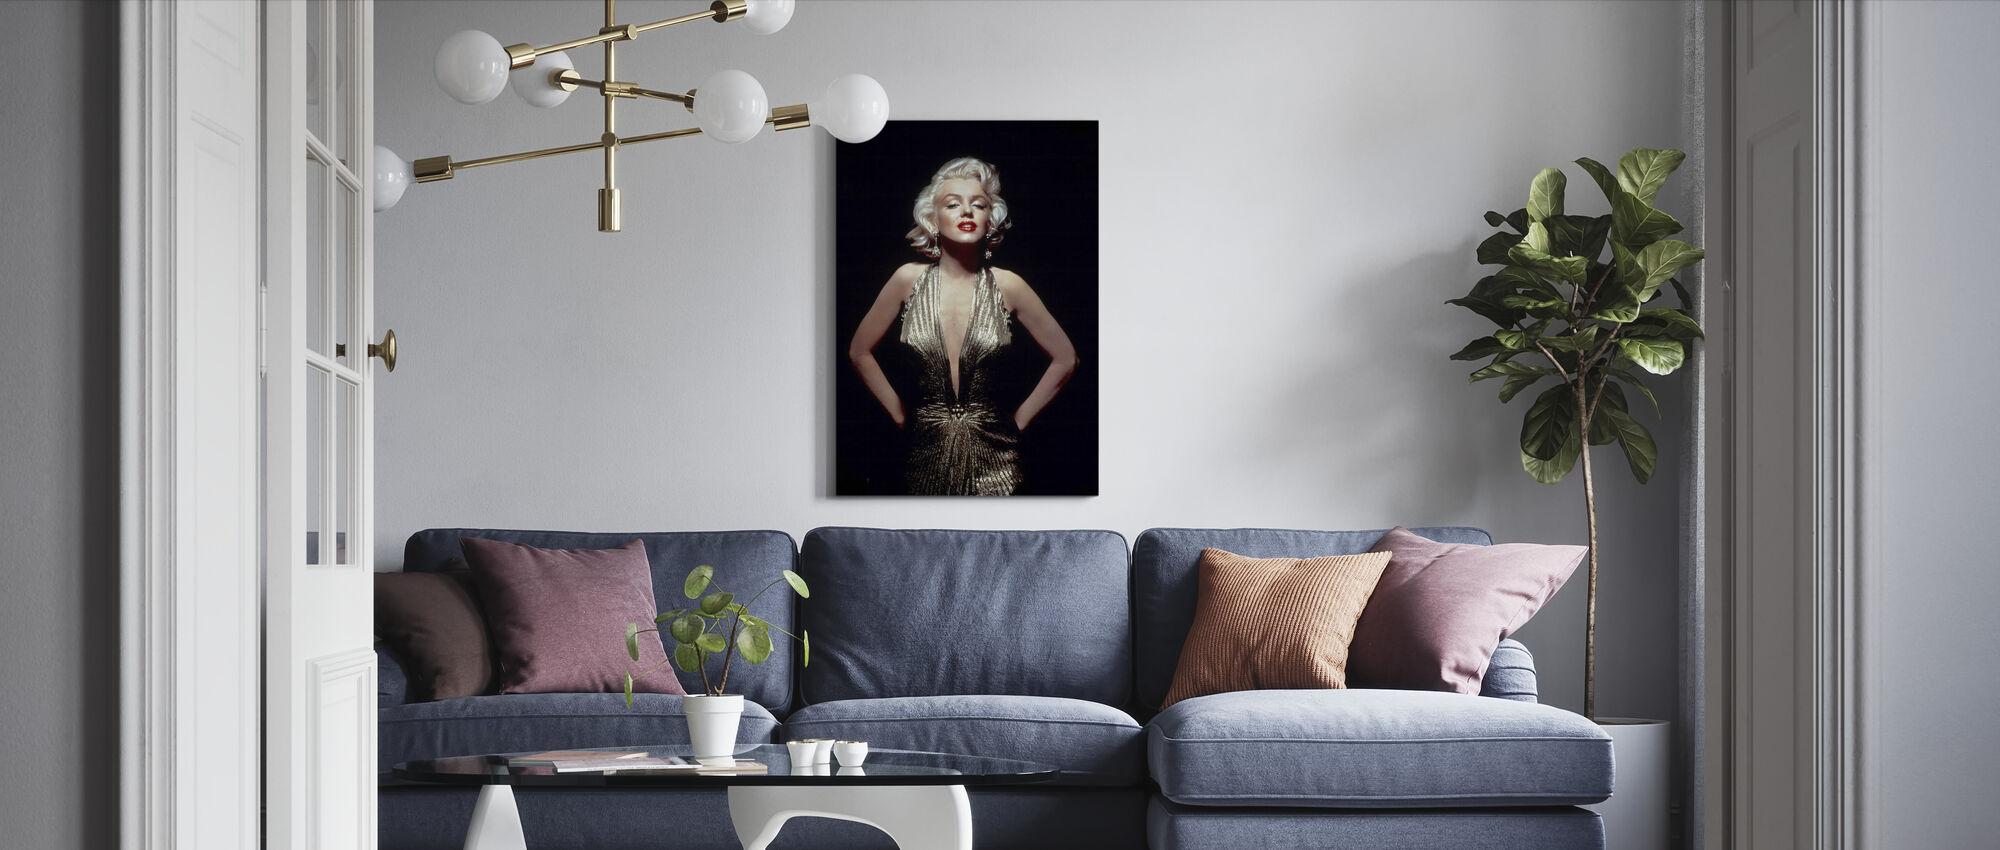 Marilyn Monroe i herrer Foretrekker blondiner - Lerretsbilde - Stue